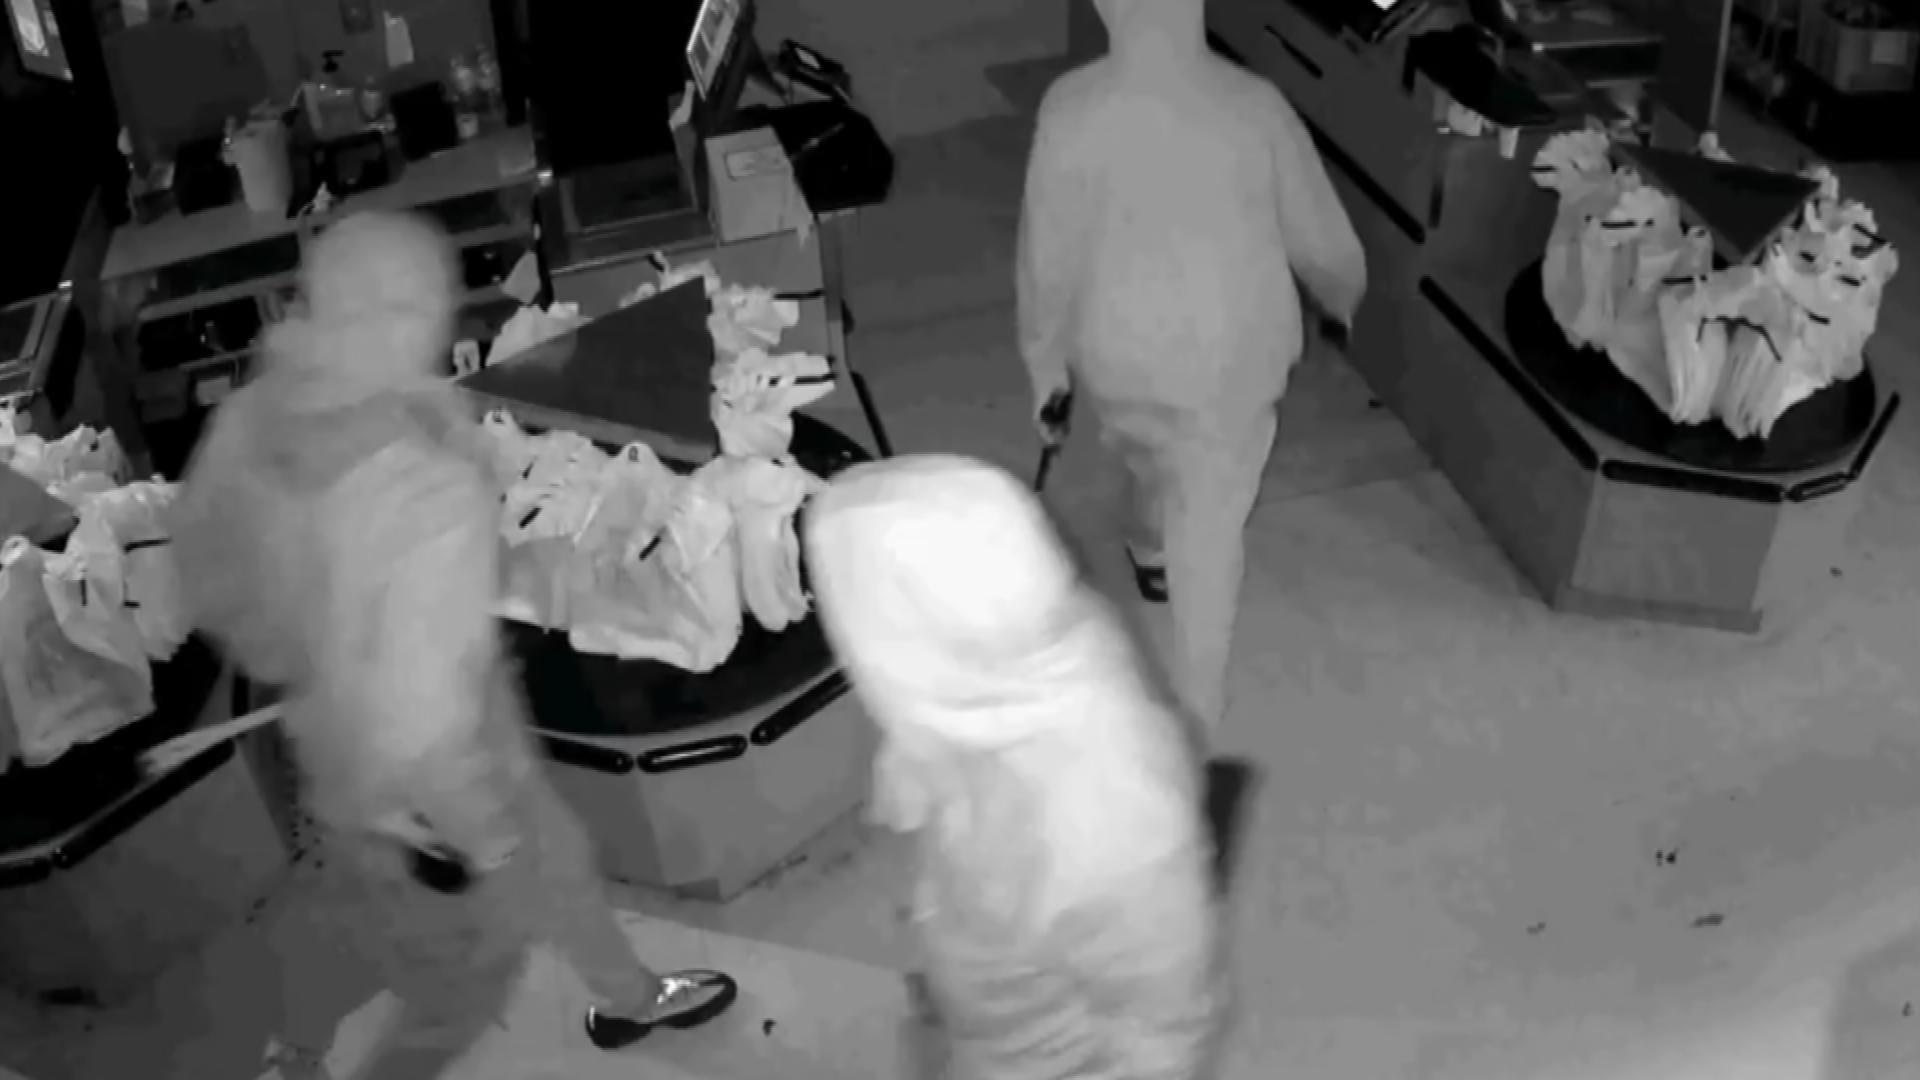 OKCPD Seek Suspects In Grocery Store Robbery